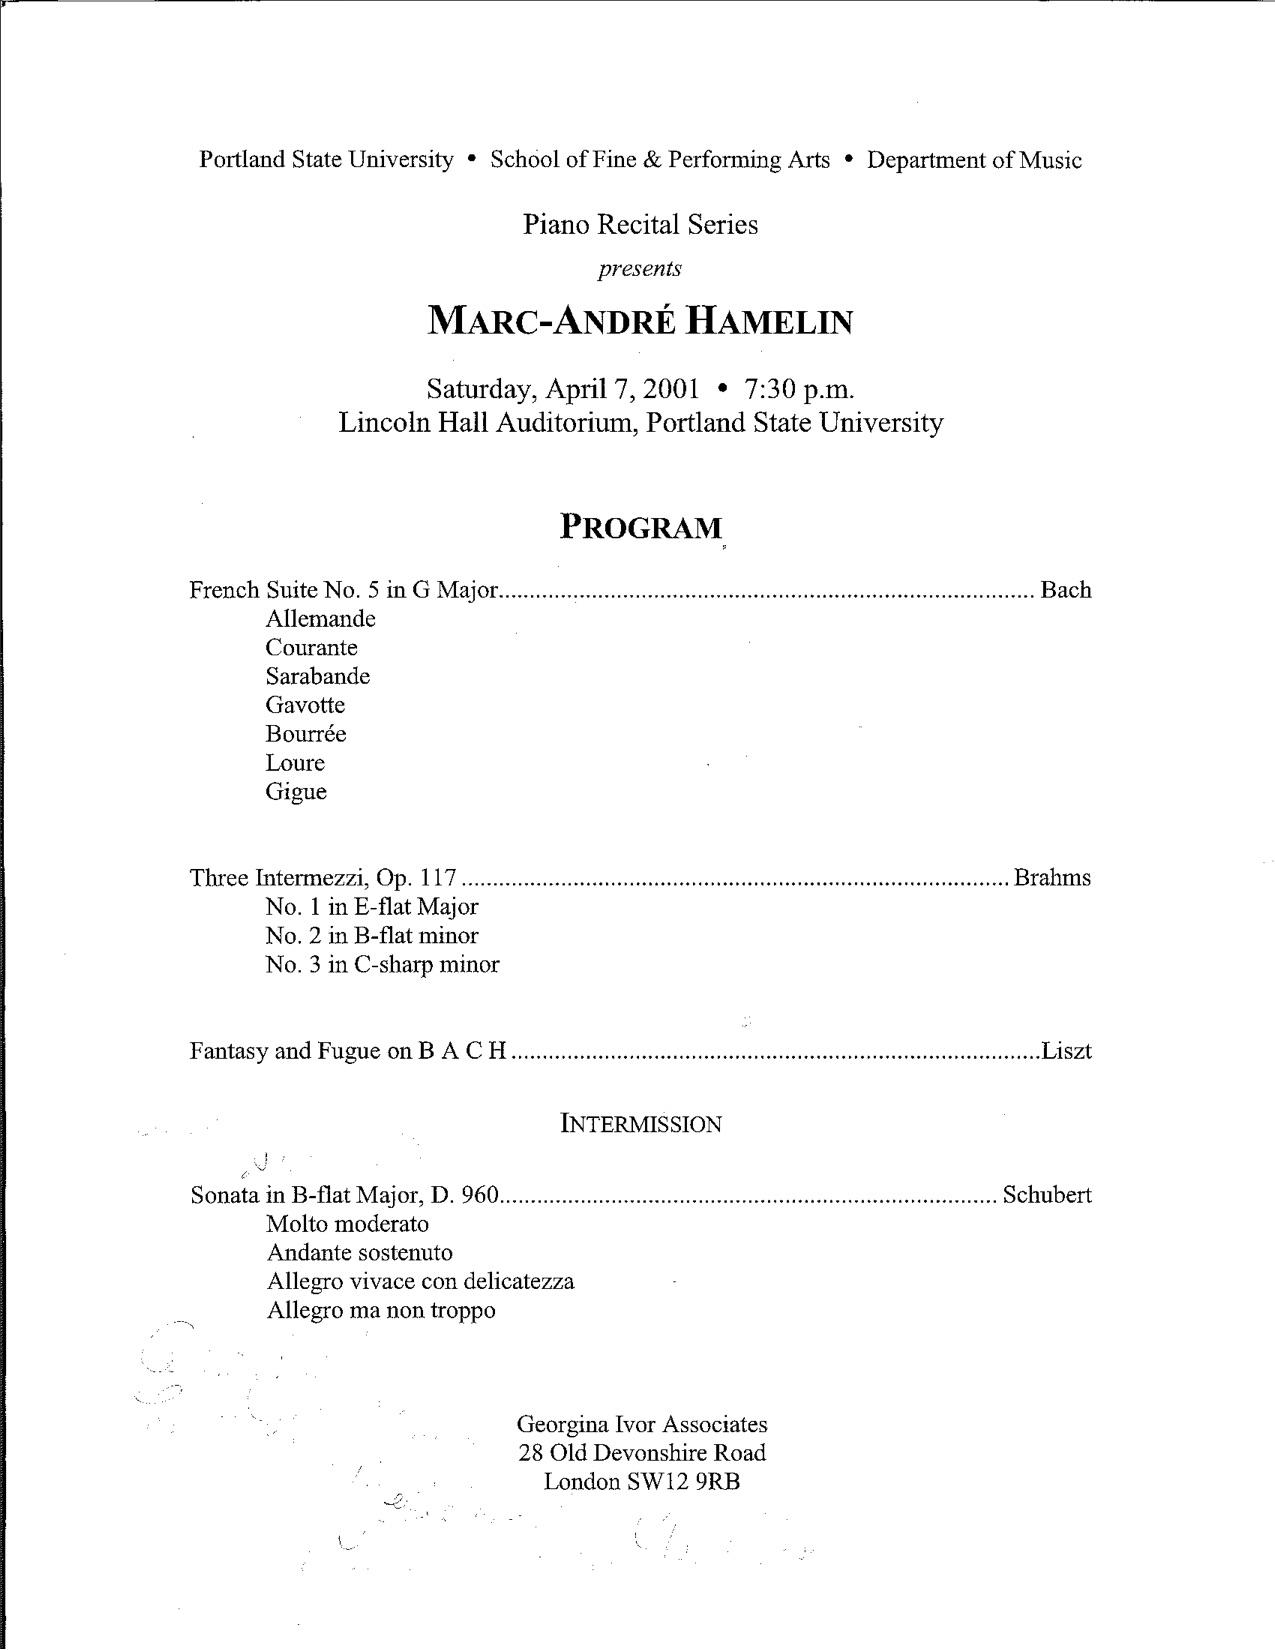 Hamelin00-01_Program2.jpg